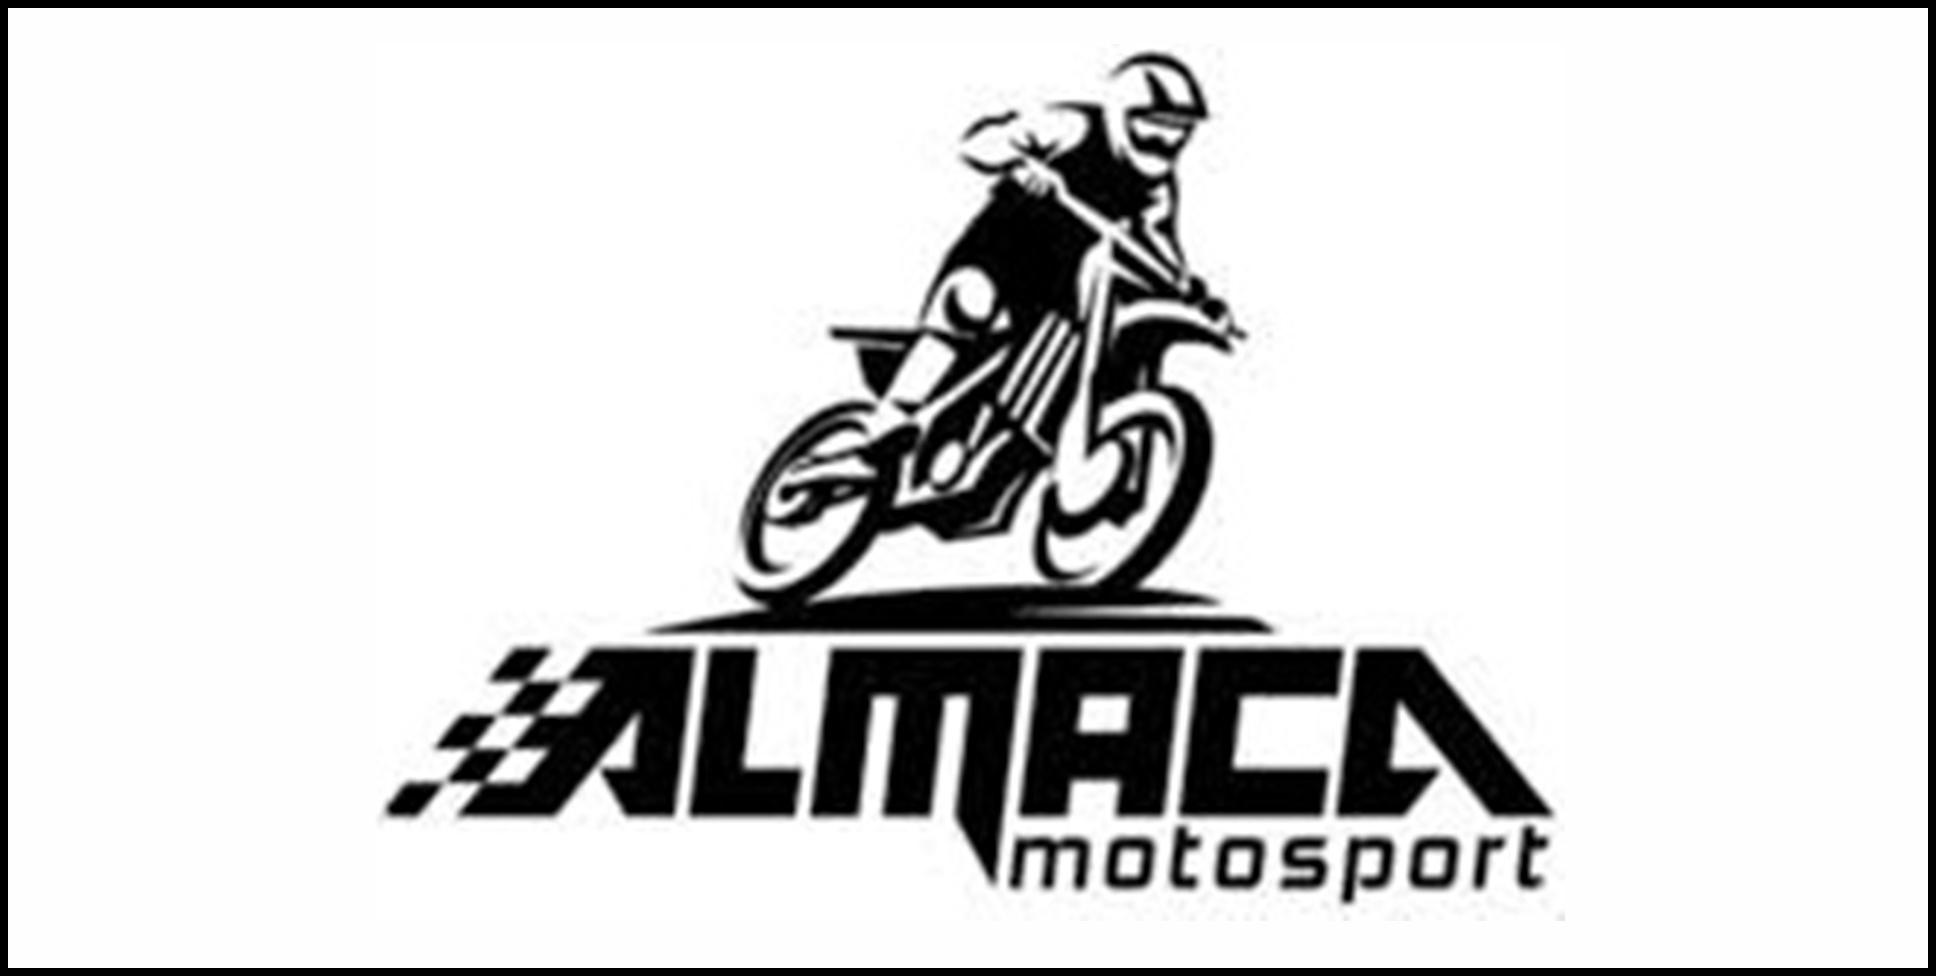 Almaca